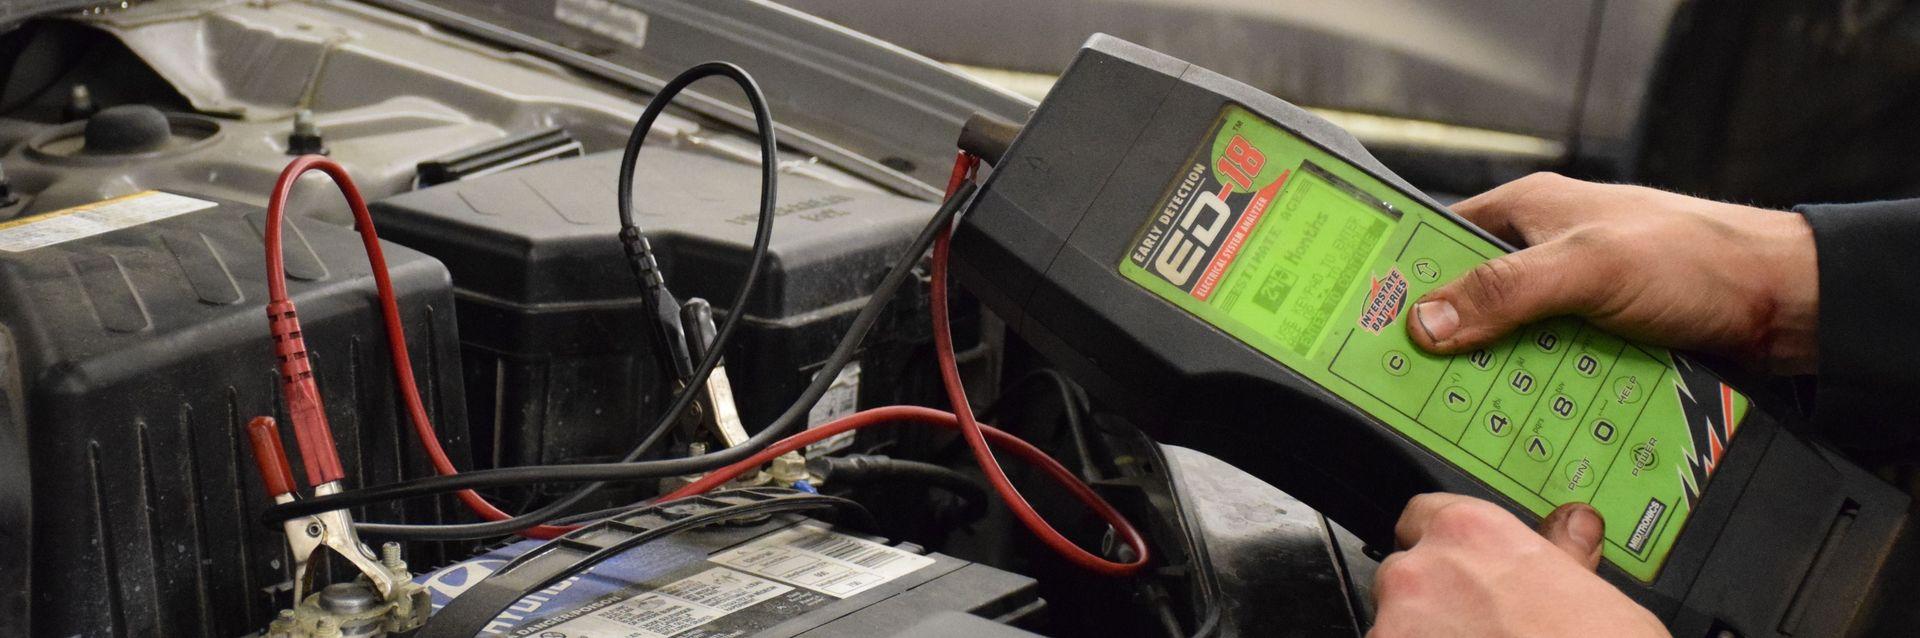 Как правильно заряжать аккумулятор автомобиля